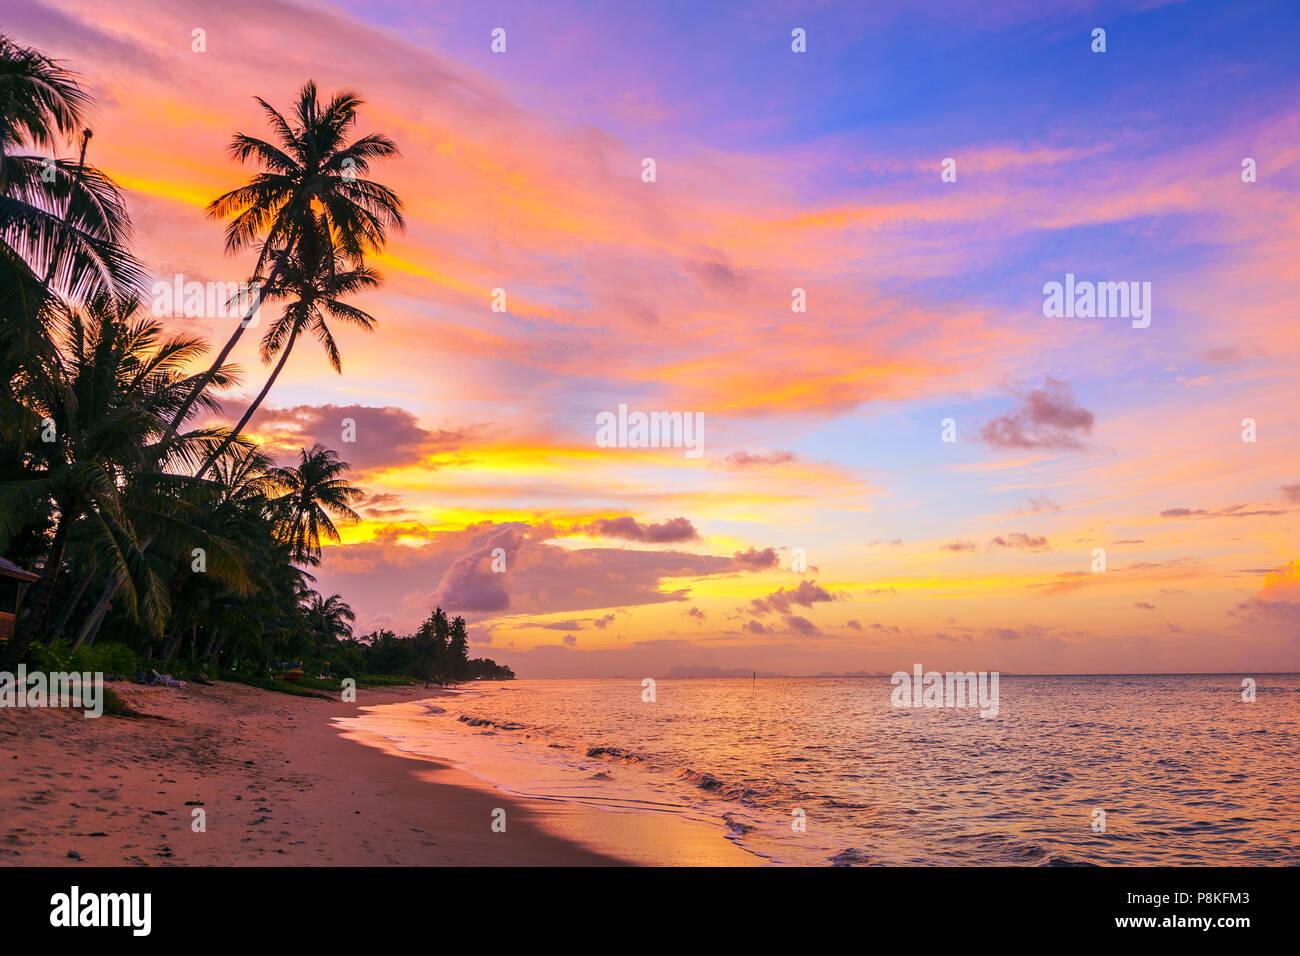 Schönen Sonnenuntergang auf Bang Po Beach. Koh Samui in Thailand. Stockbild